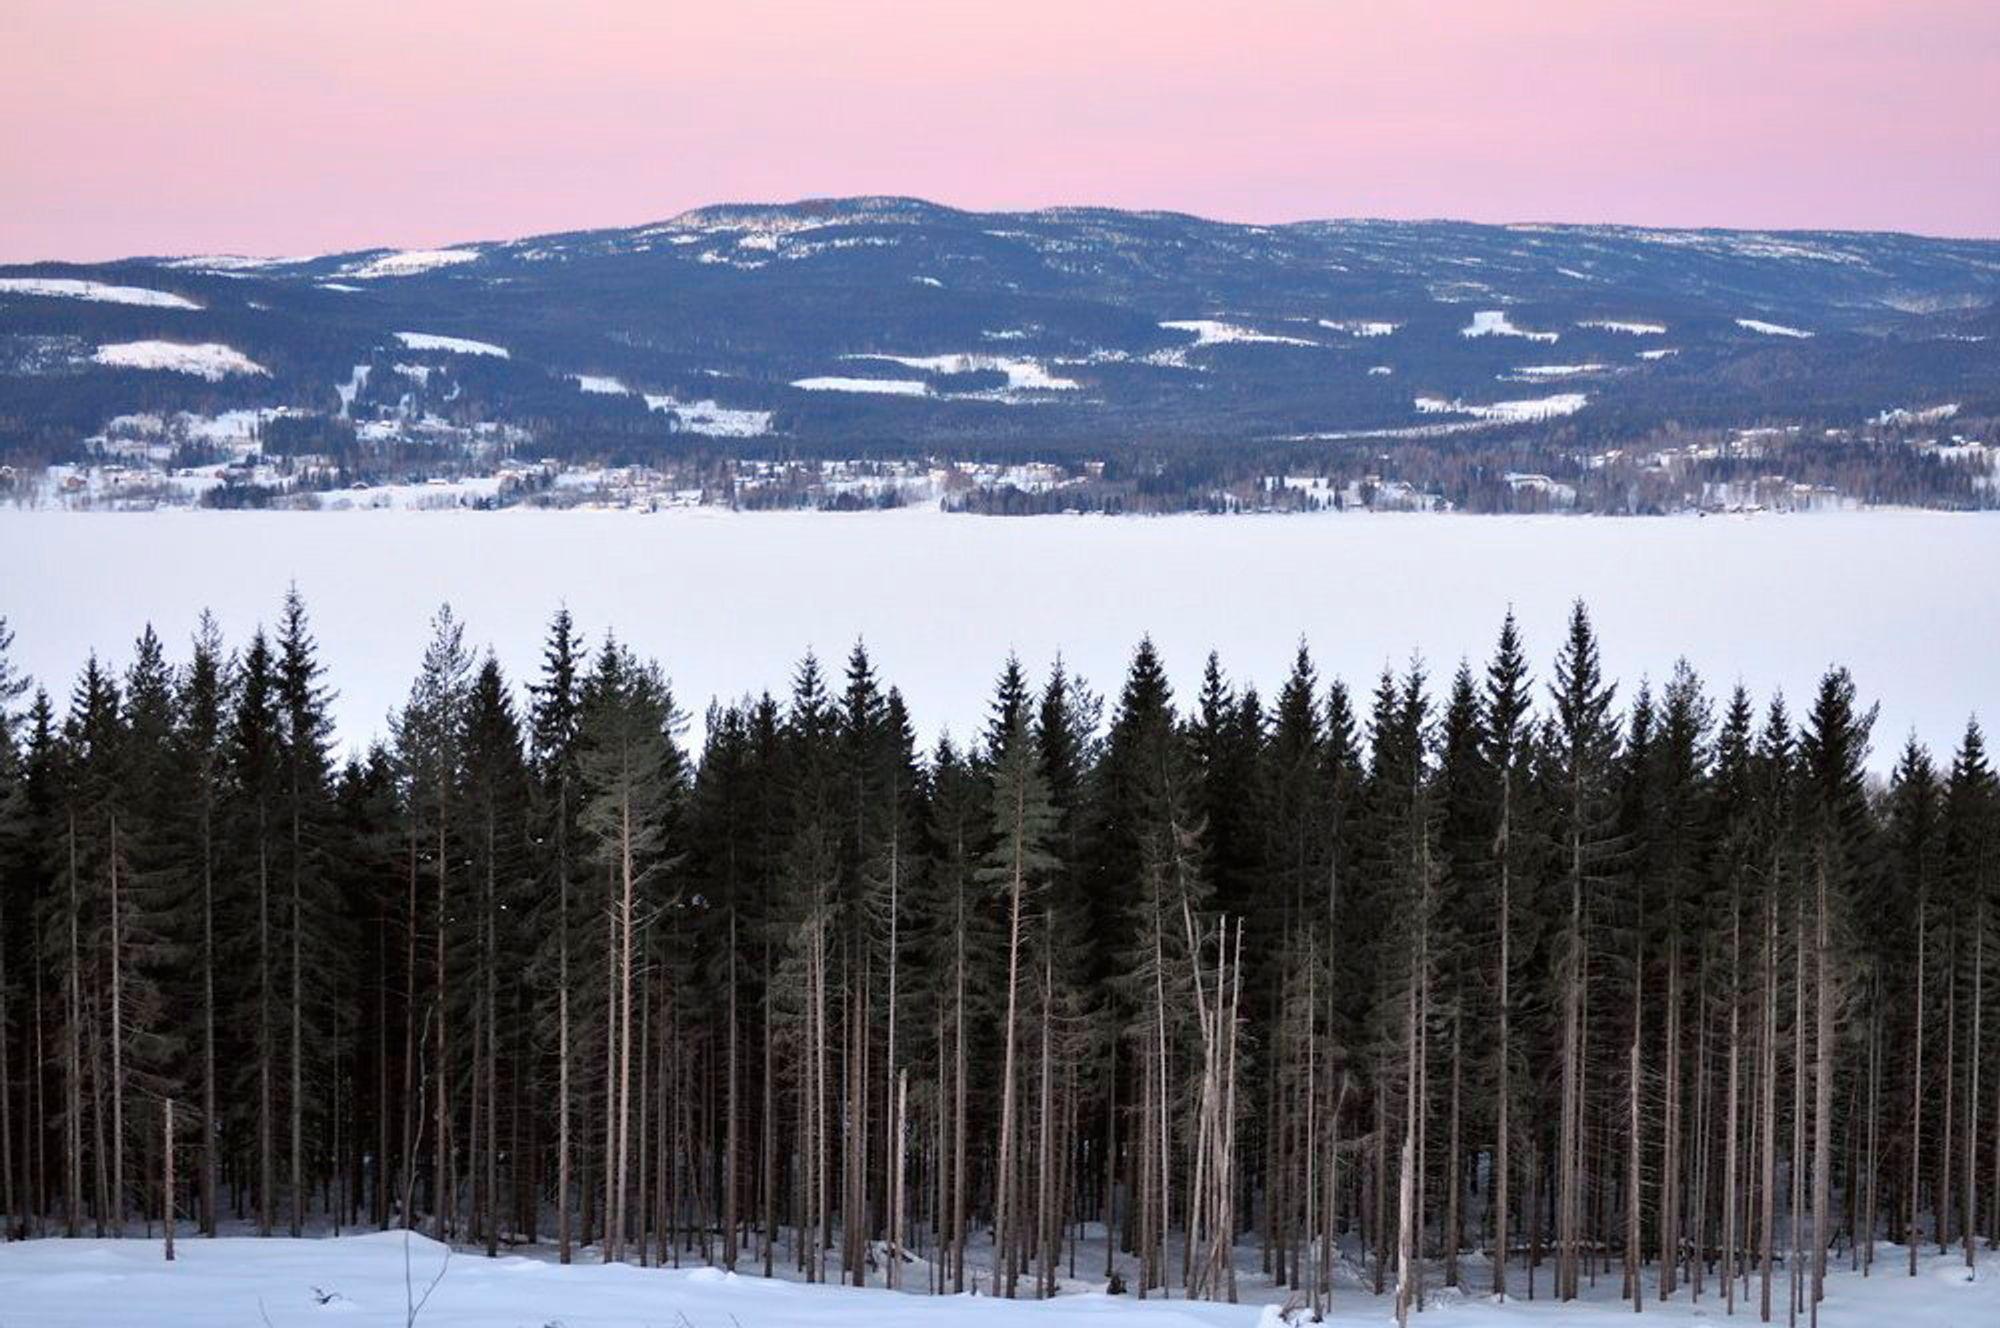 Vinter, morgen ved Hurdalssjøen. Furuskog. Alpenglow over Hurdalsåsene. Tatt fra mot vest. Hurdal, Romerike, Akershus.Foto: © Øystein Søbye / NN / Samfoto